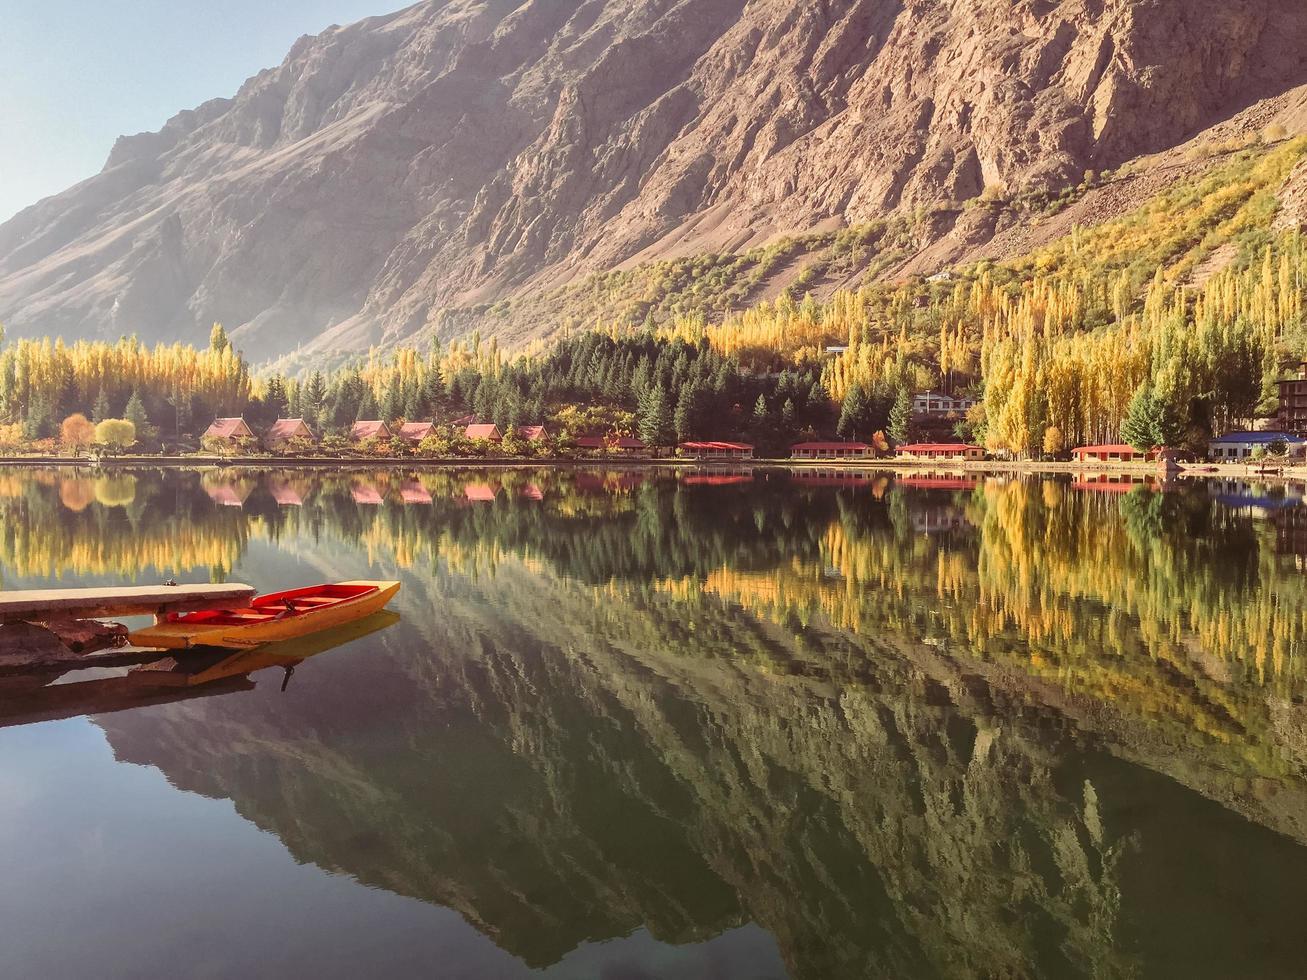 mening van gedokte boot op stilstaand water met bergen op achtergrond foto